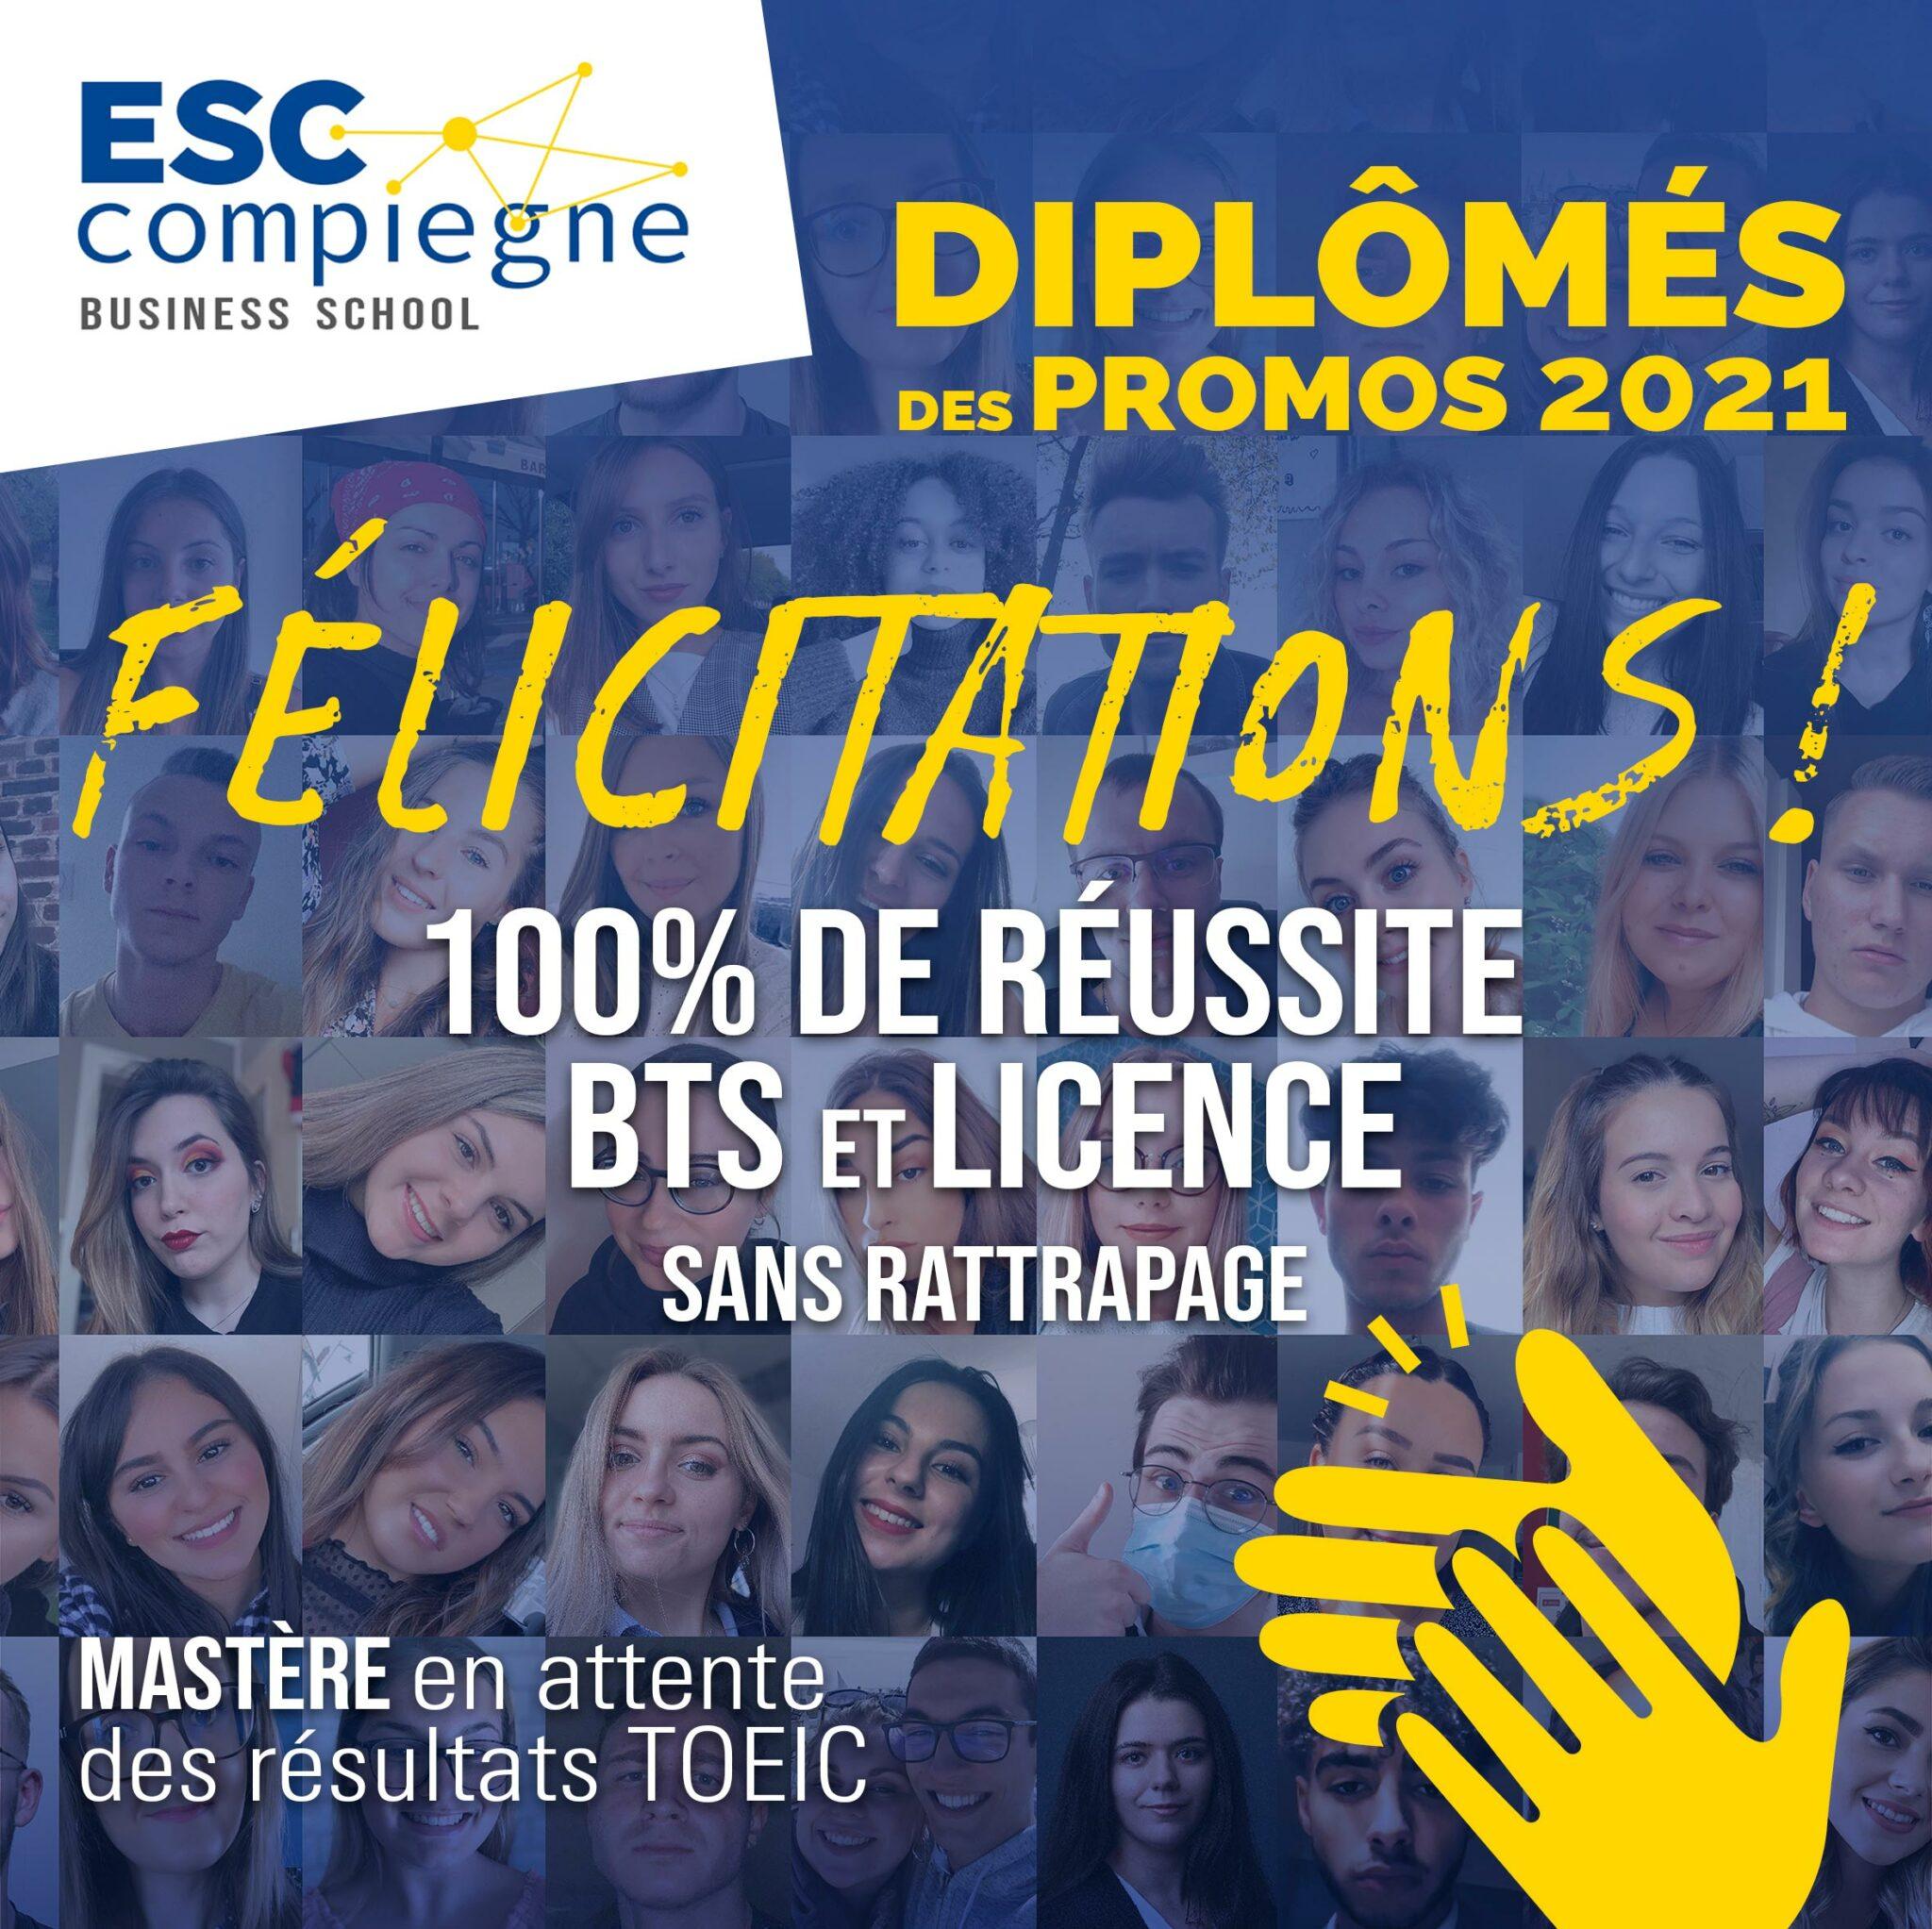 ESCC-Diplomes-2021